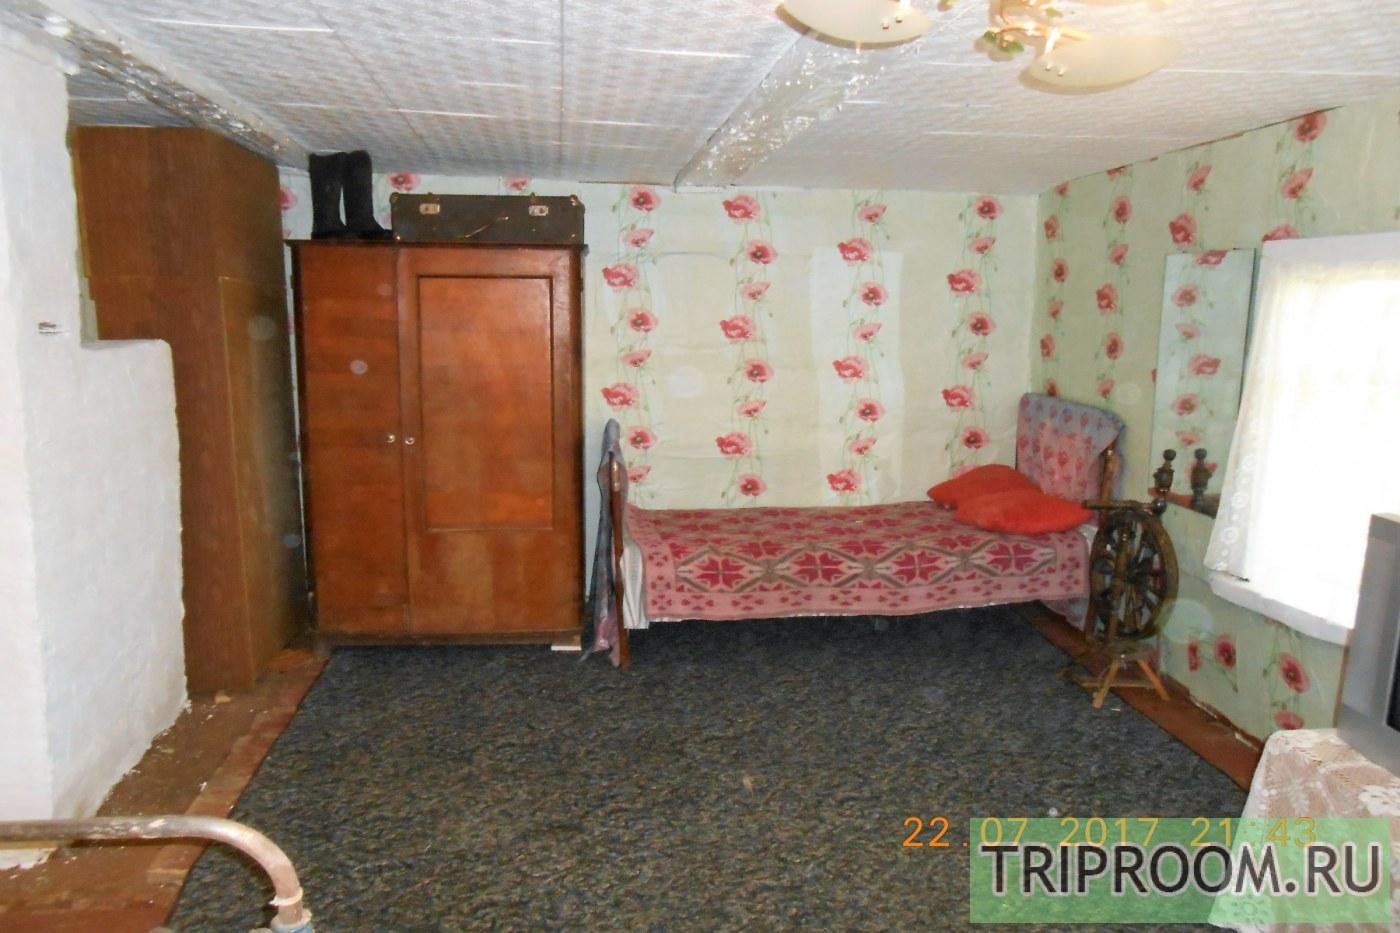 2-комнатный Дача посуточно (вариант № 39941), ул. Дачная улица, фото № 9